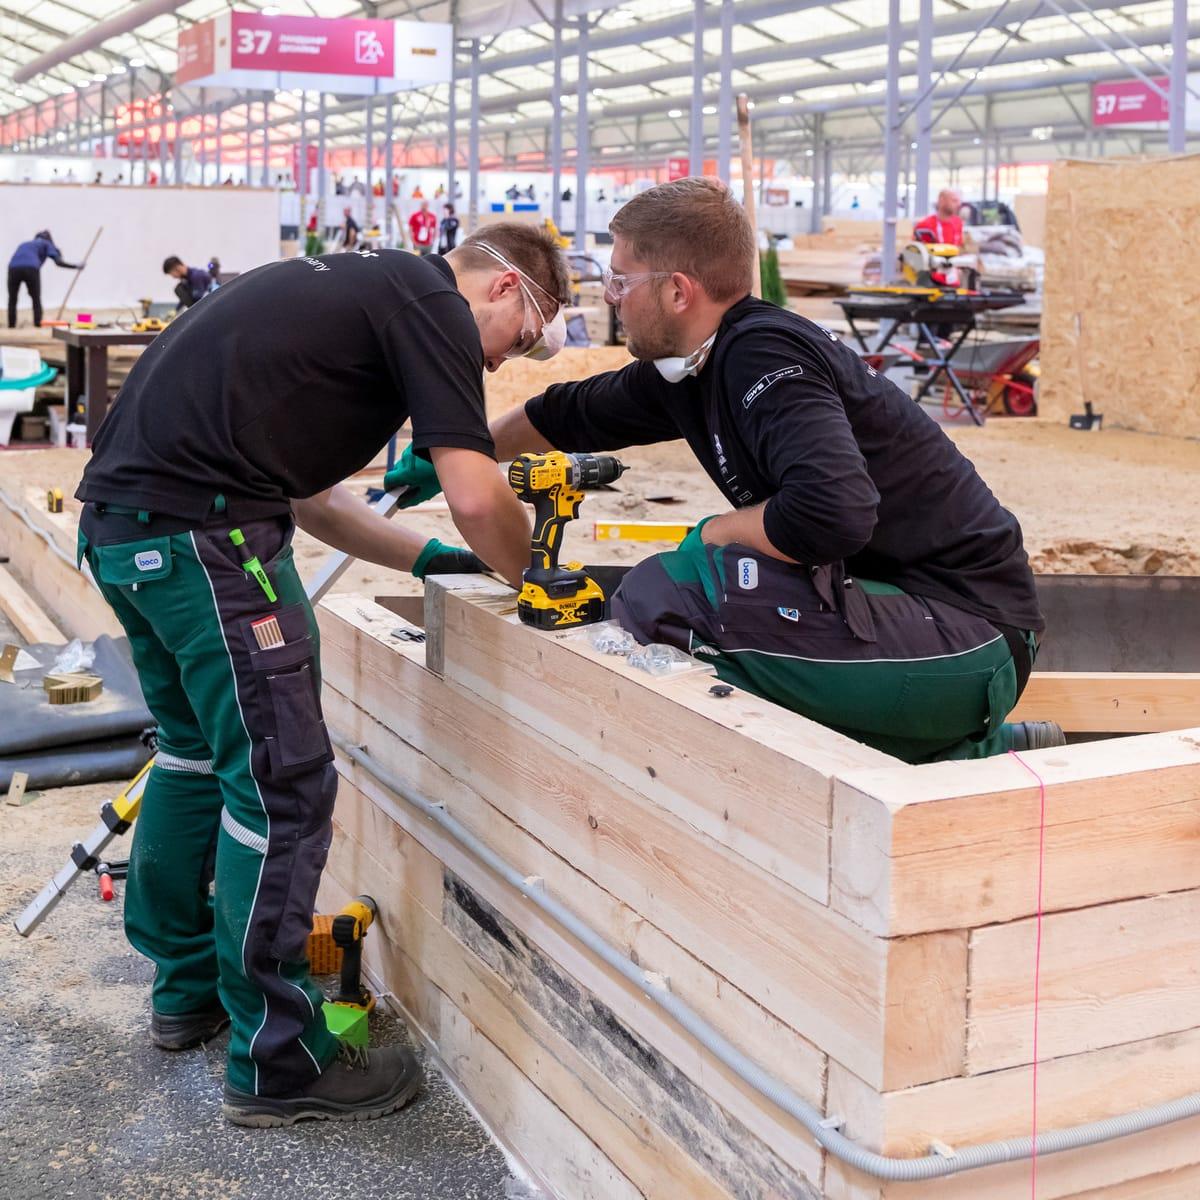 Landschaftsgärtner Julian Maier und Niklas Stadlmayr sind ganz in ihrem Element. Zu ihren Materialien gehört heute vor allem Holz.